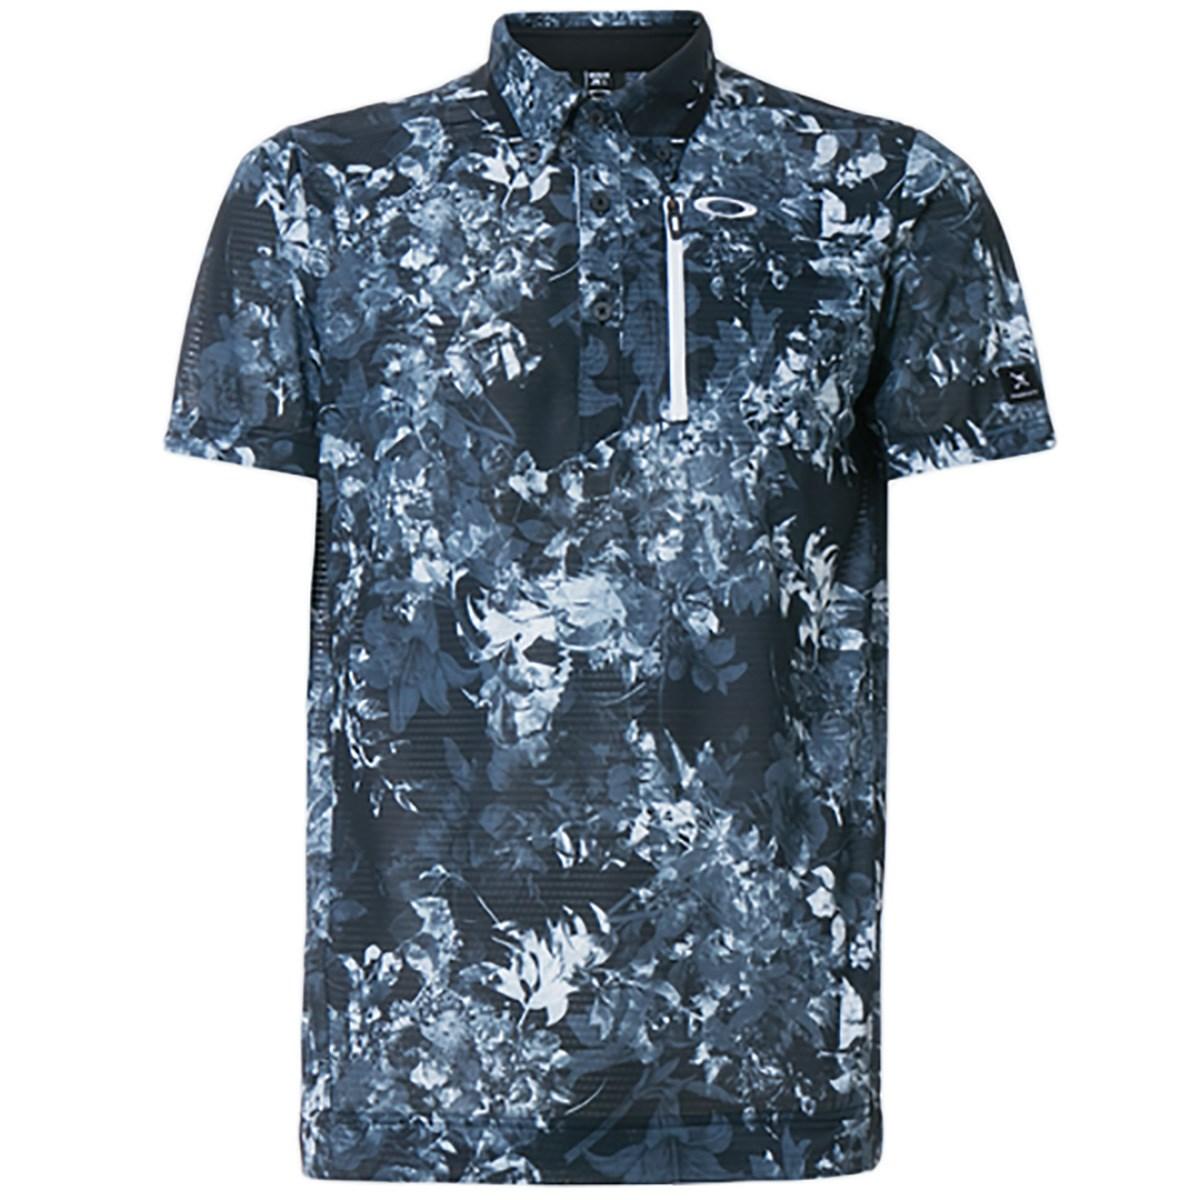 オークリー(OAKLEY) スカル Full Bloom 半袖ポロシャツ